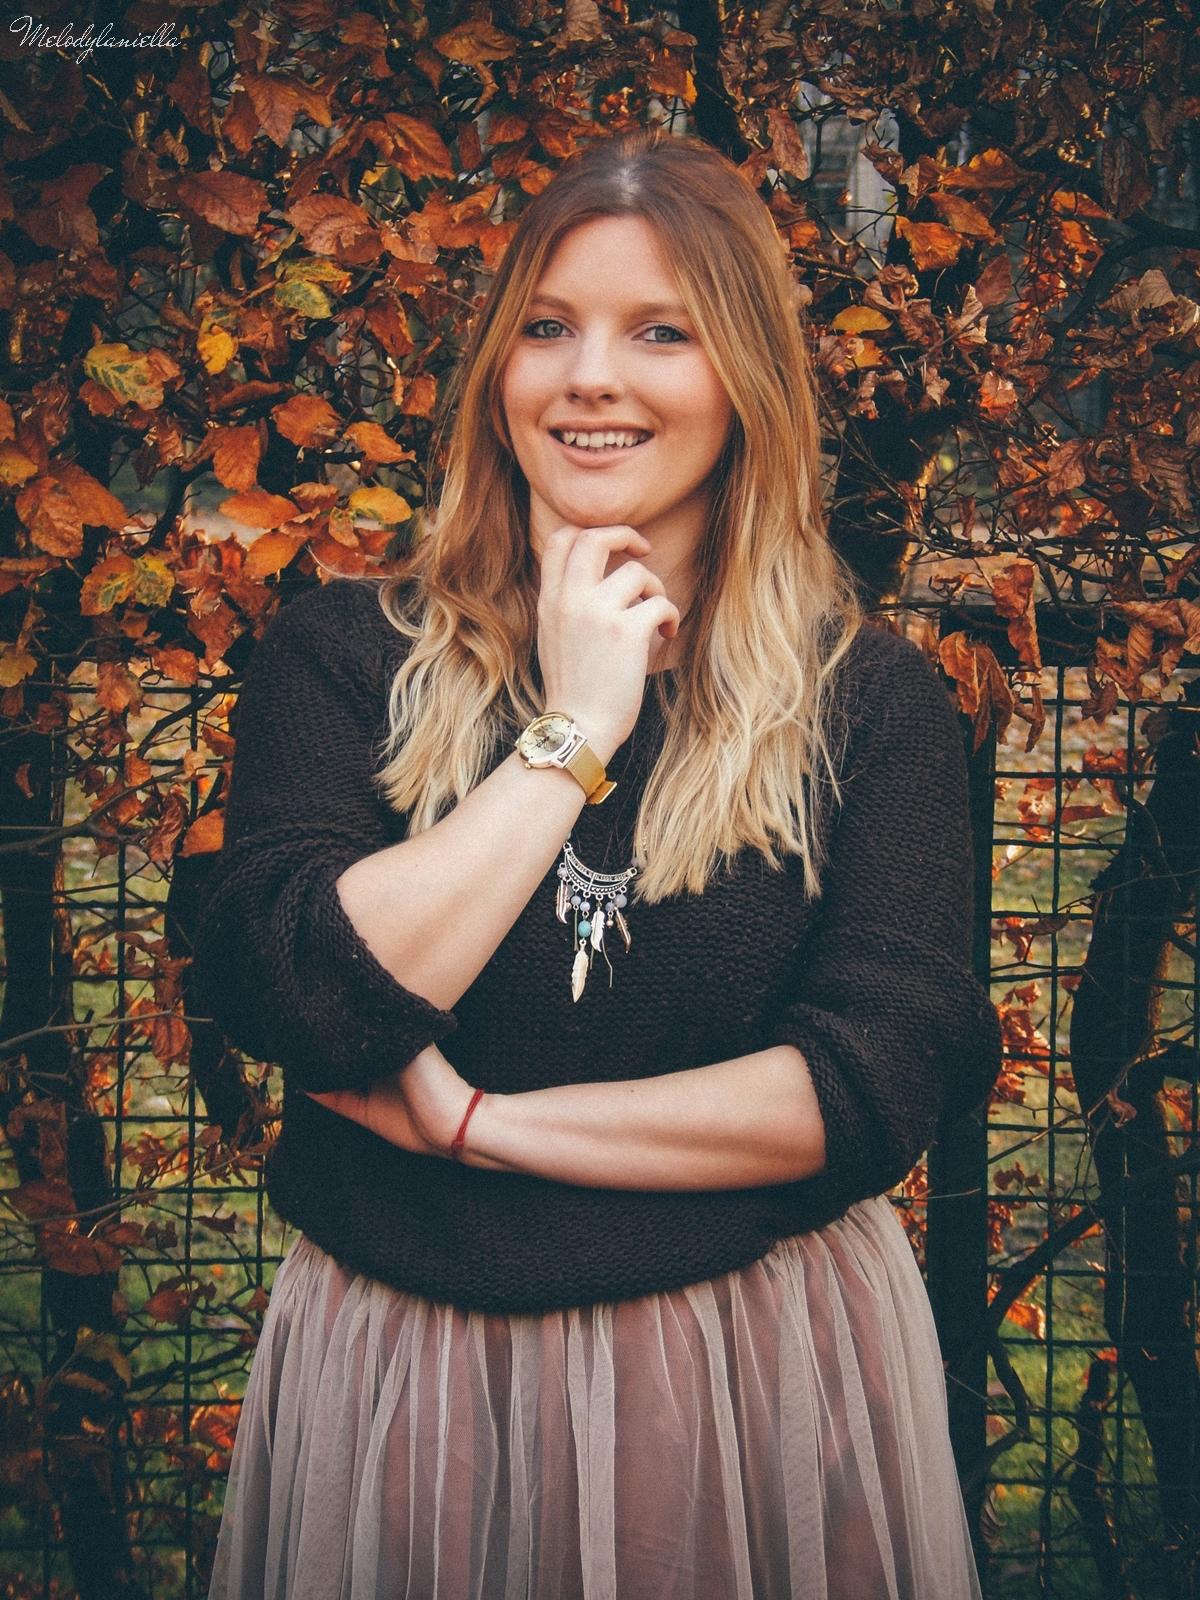 3. jesienna stylizacja tutu tiulowa spódnica dla dorosłych brązowy sweter torebka manzana melodylaniella autumn style fashion ciekawa stylizacja na jesień brązowa spódnica.jpg kopertówka